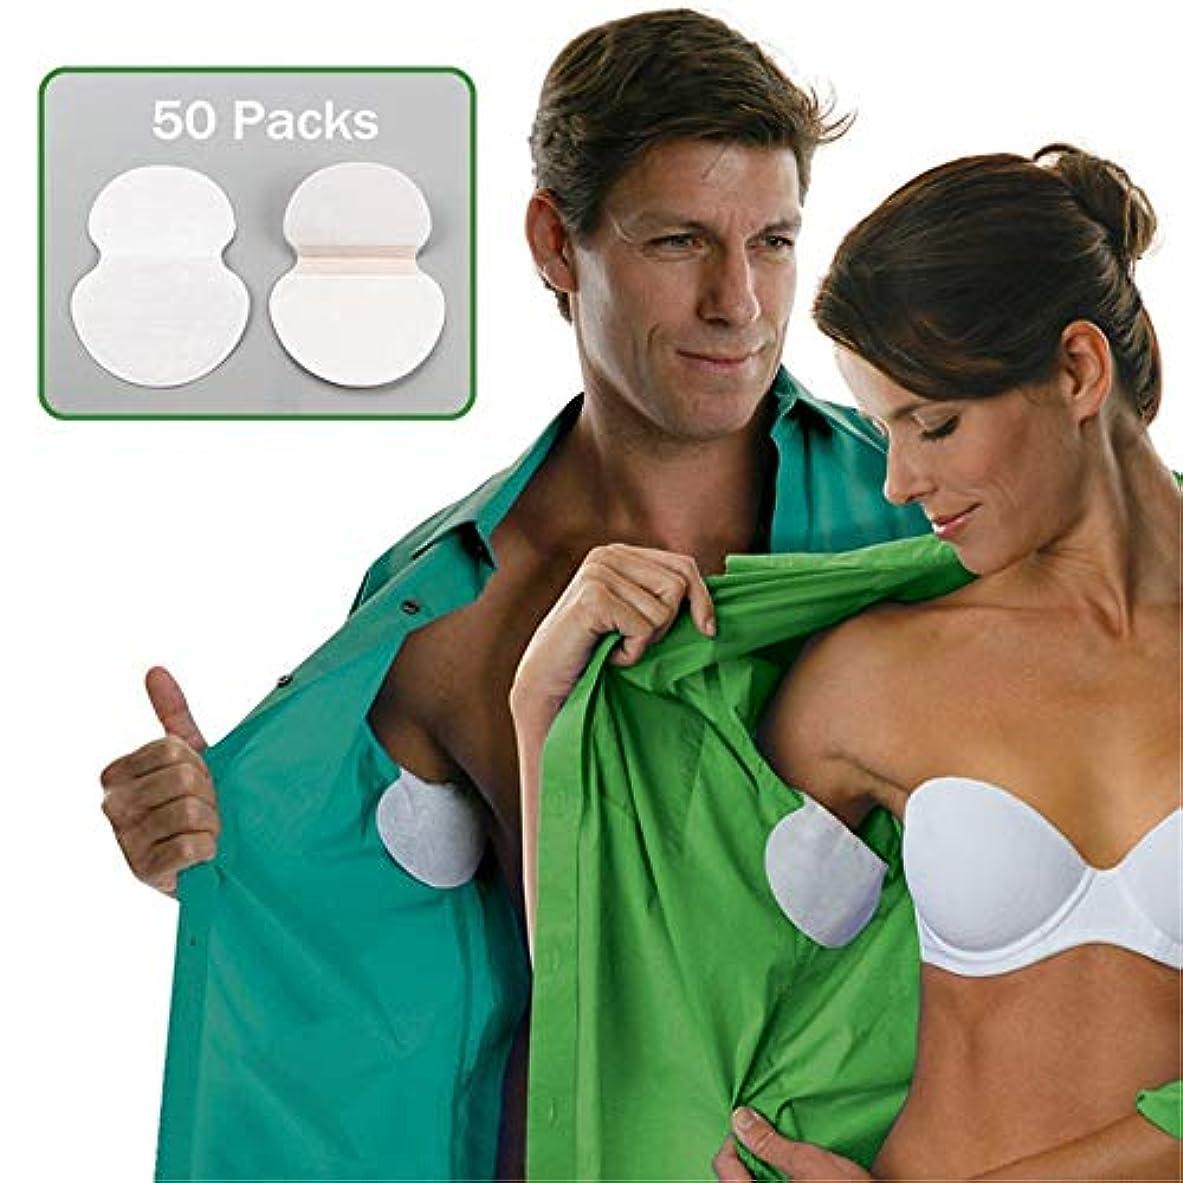 風変わりな業界着飾る100pcs=50Pairs/lot Underarm Cotton Sweat Pads Disposable Armpits Antiperspirant Unisex Absorbing Deodorant Stickers...